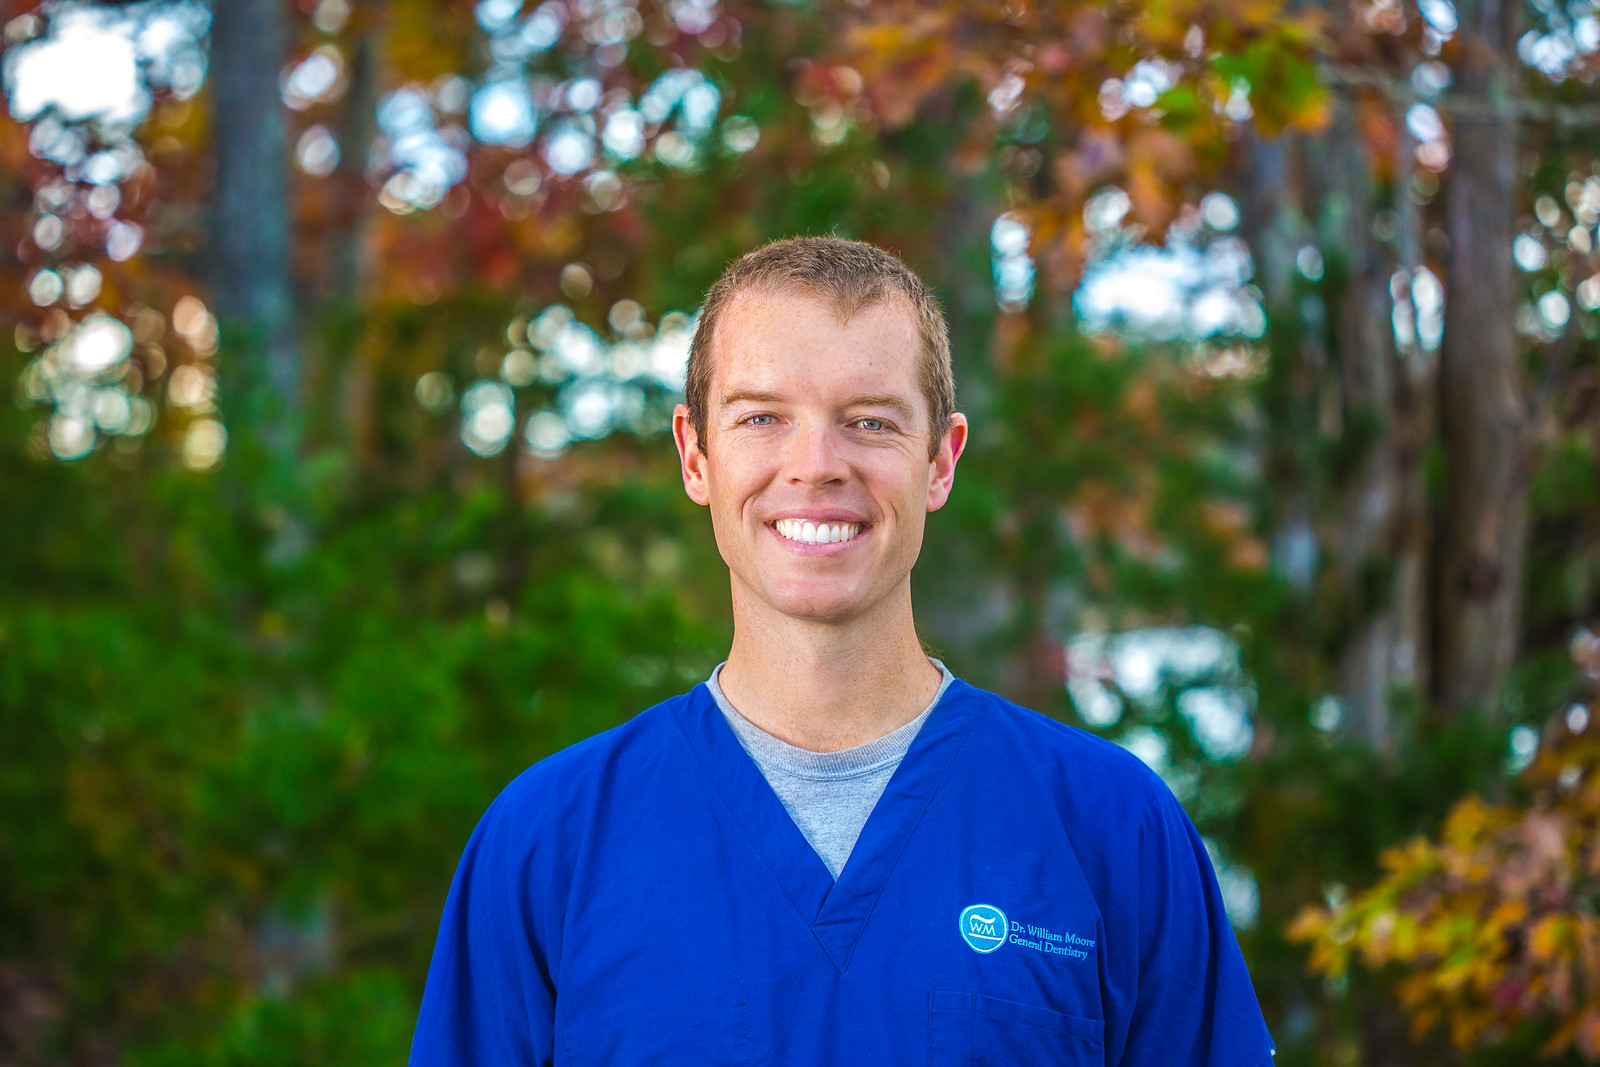 Meet Dr. William Moore